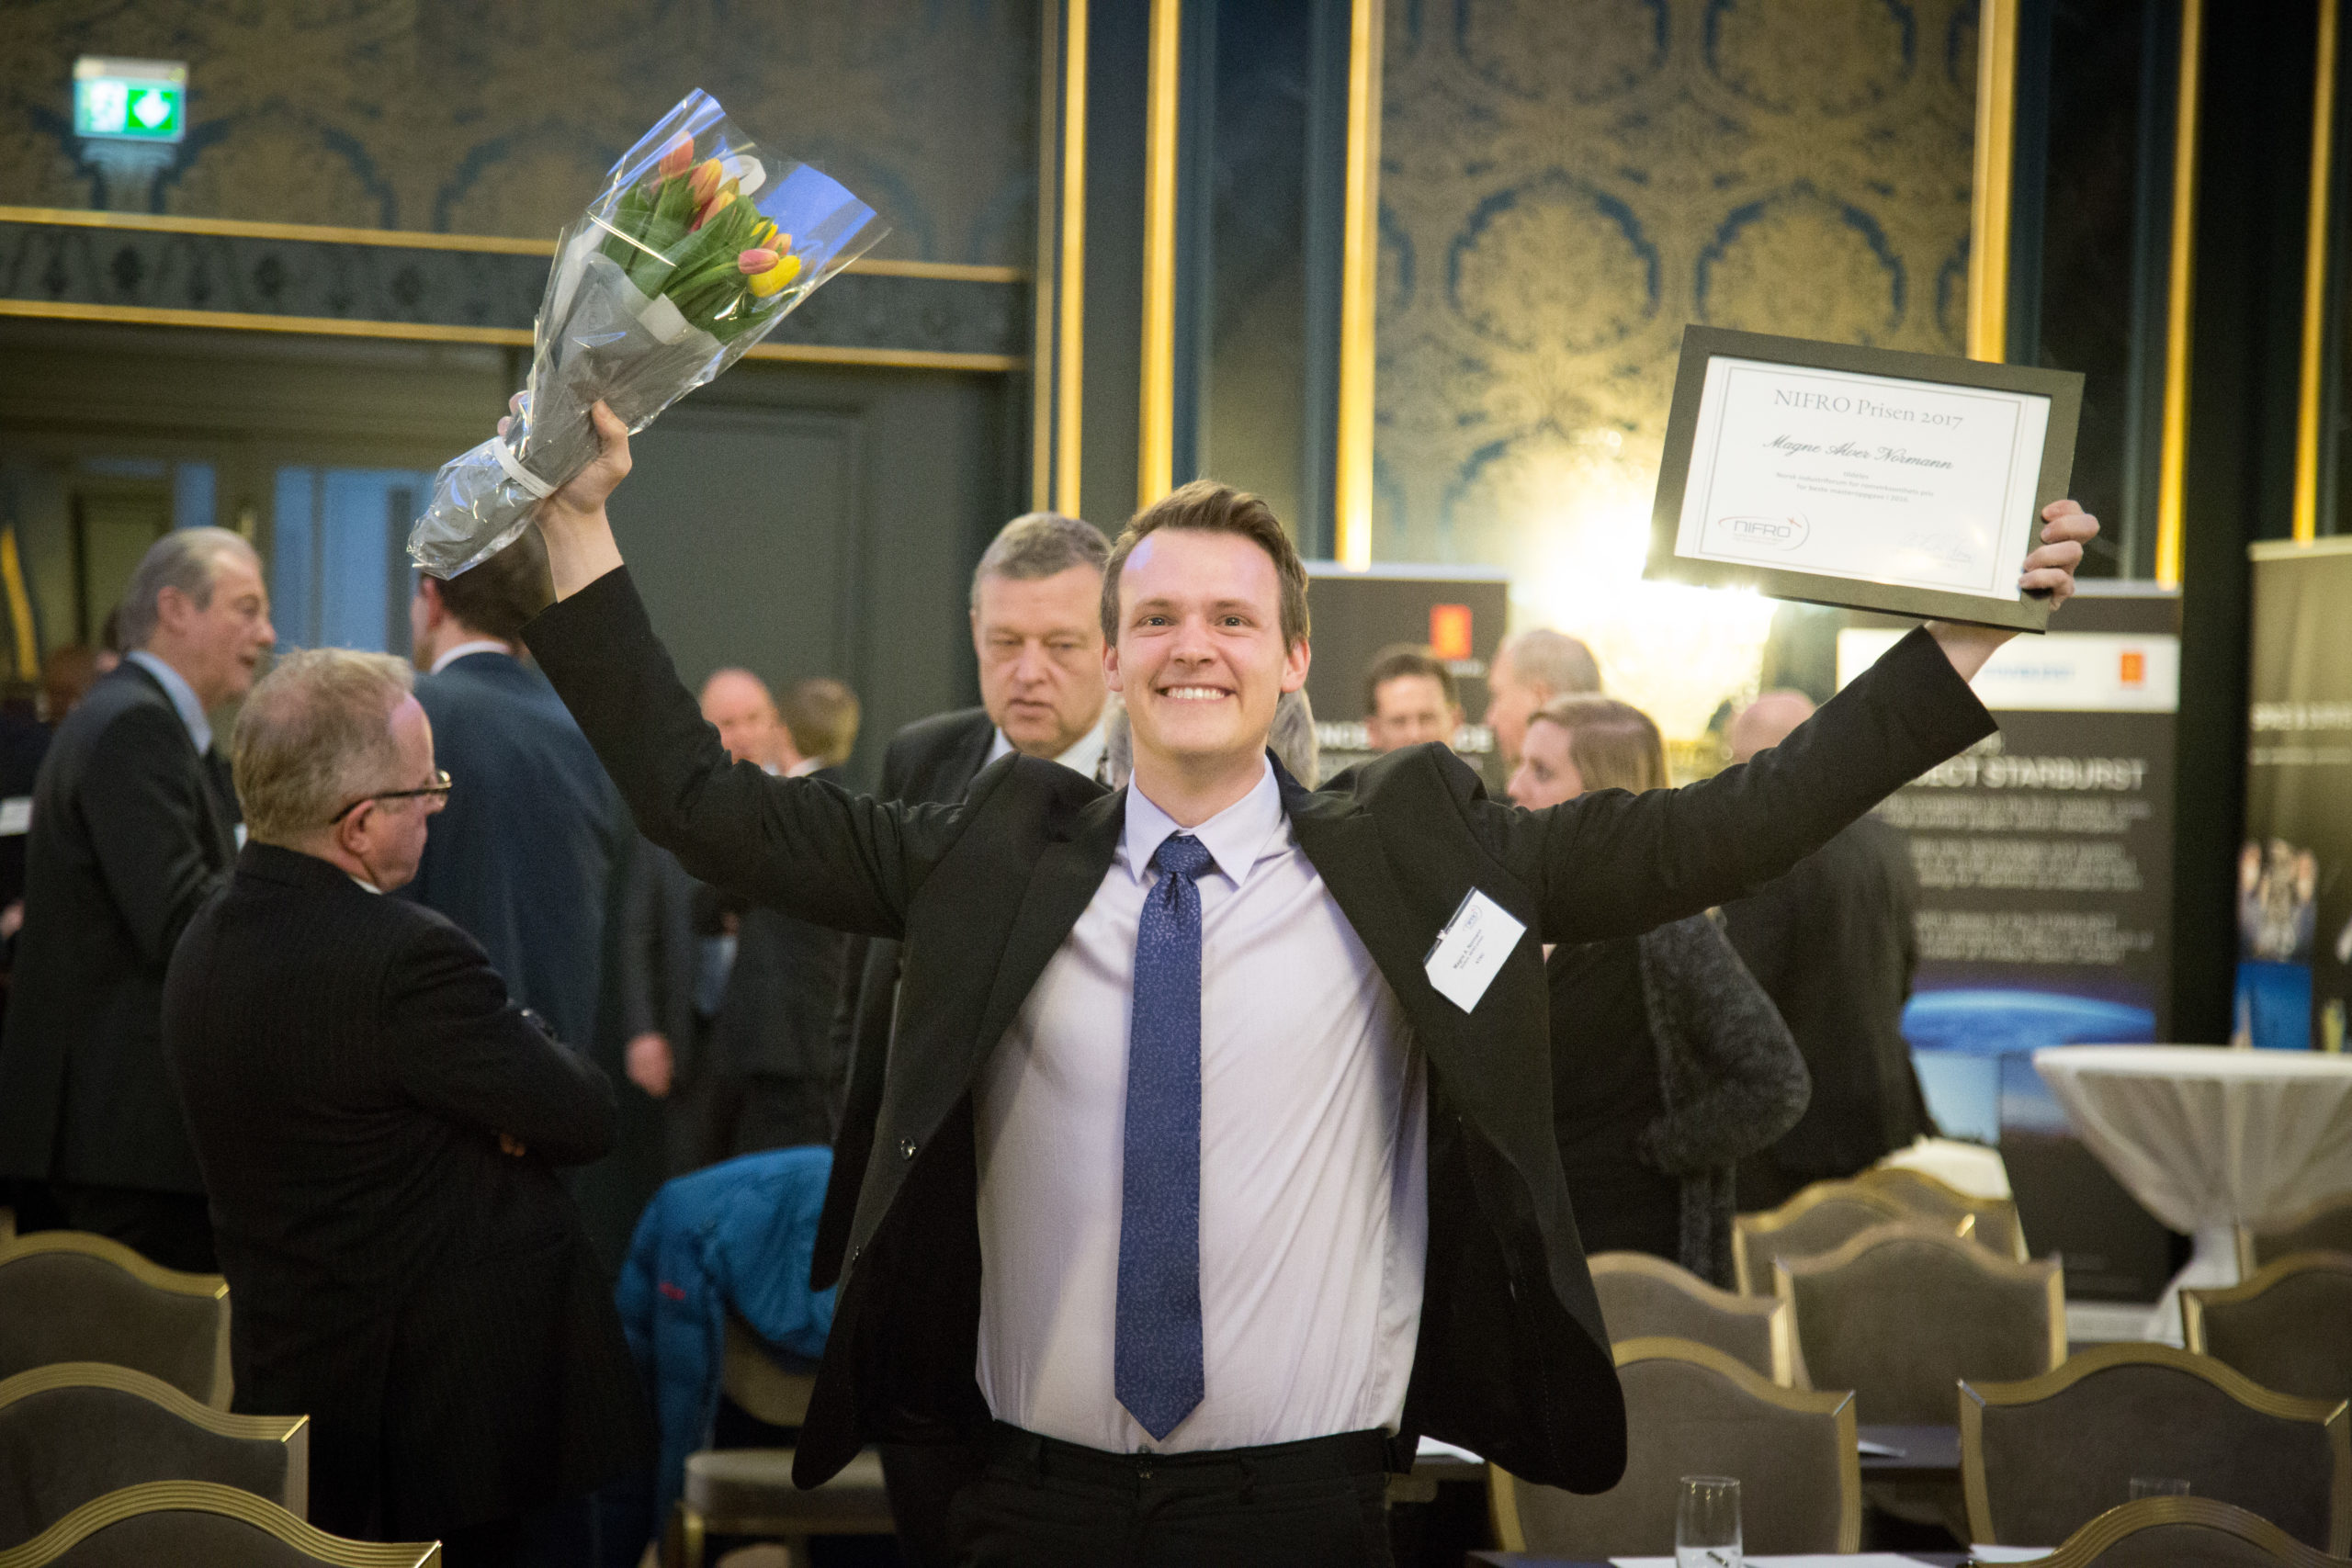 Vinneren av NIFRO prisen i 2018 var Torgeir Brenn